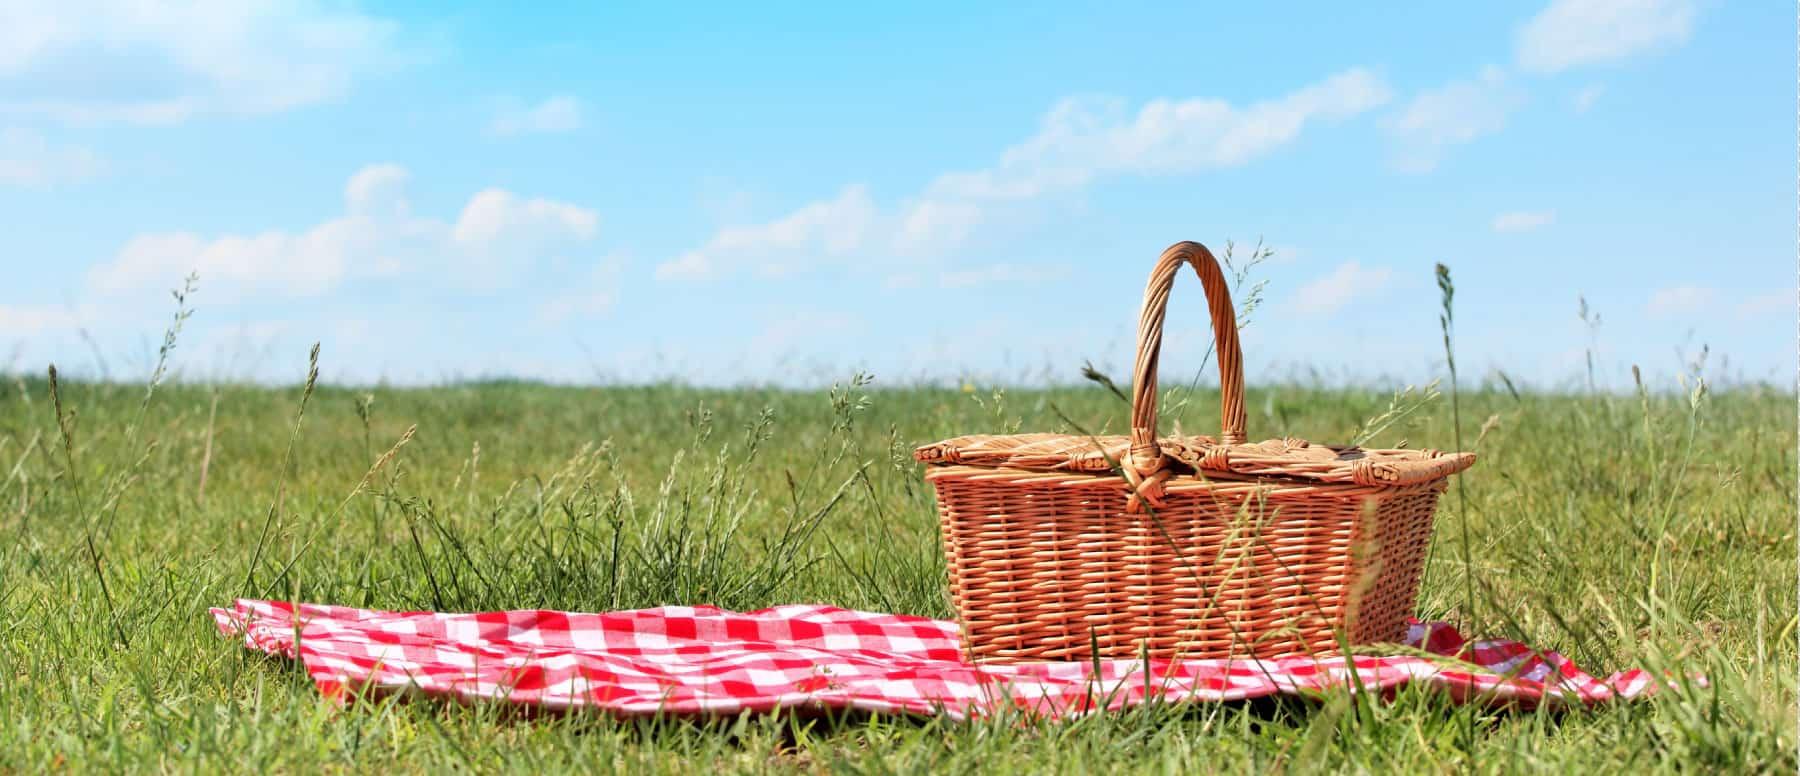 Αποτέλεσμα εικόνας για picnic